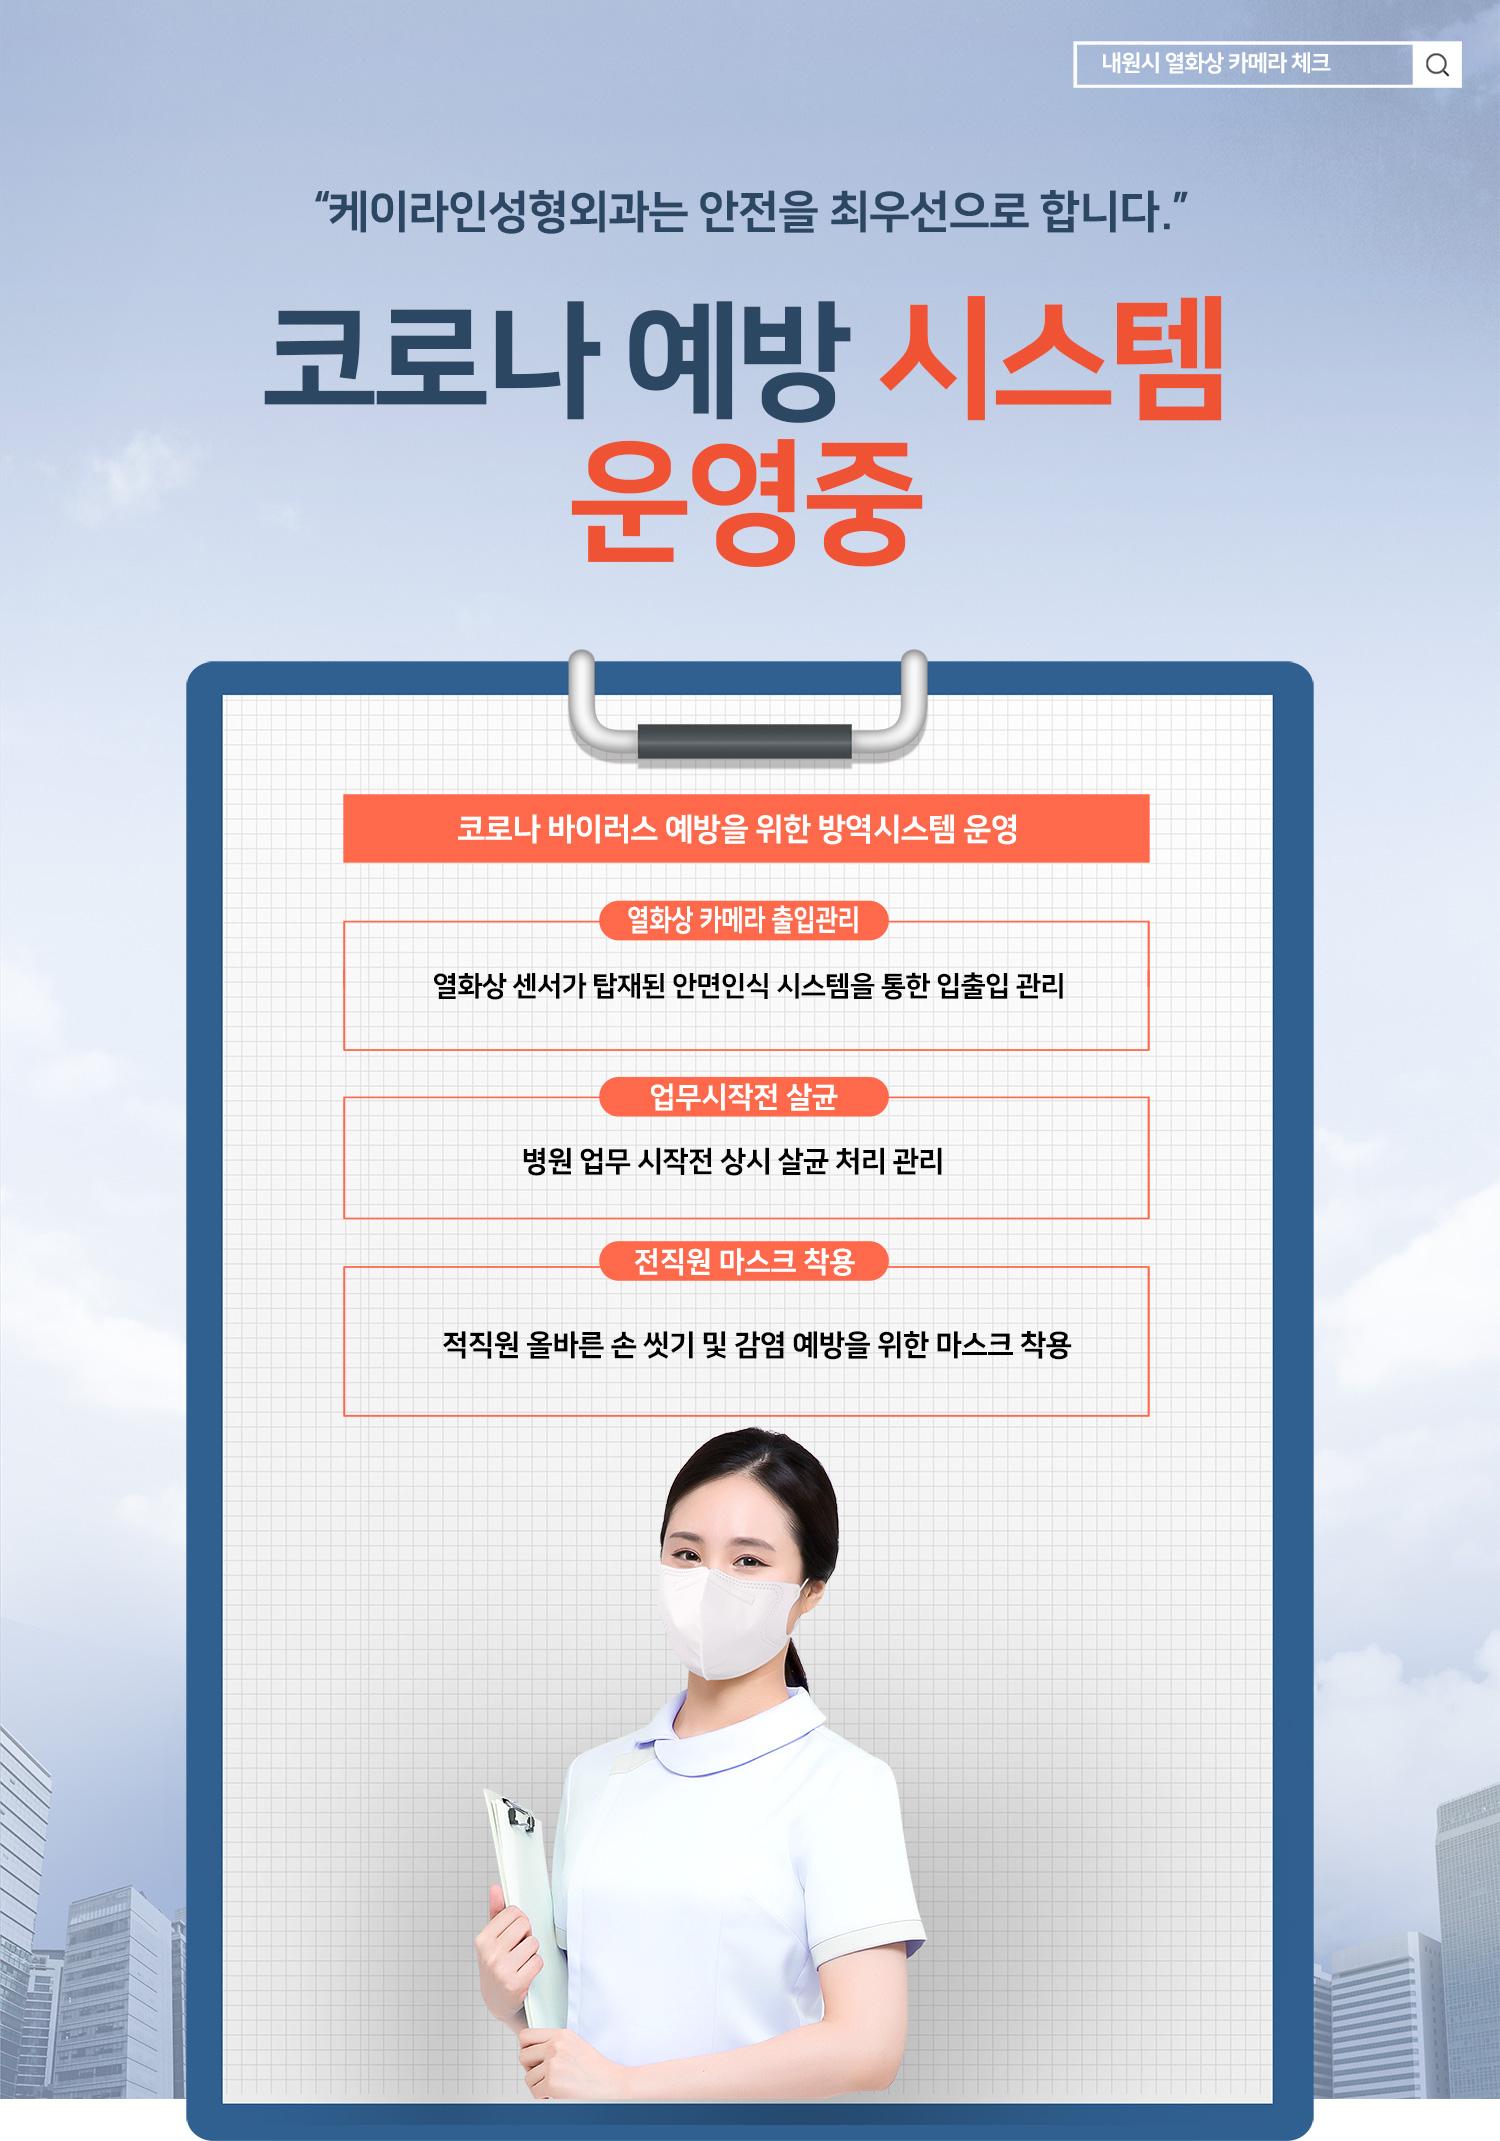 코로나 예방관리 안전수칙 준수